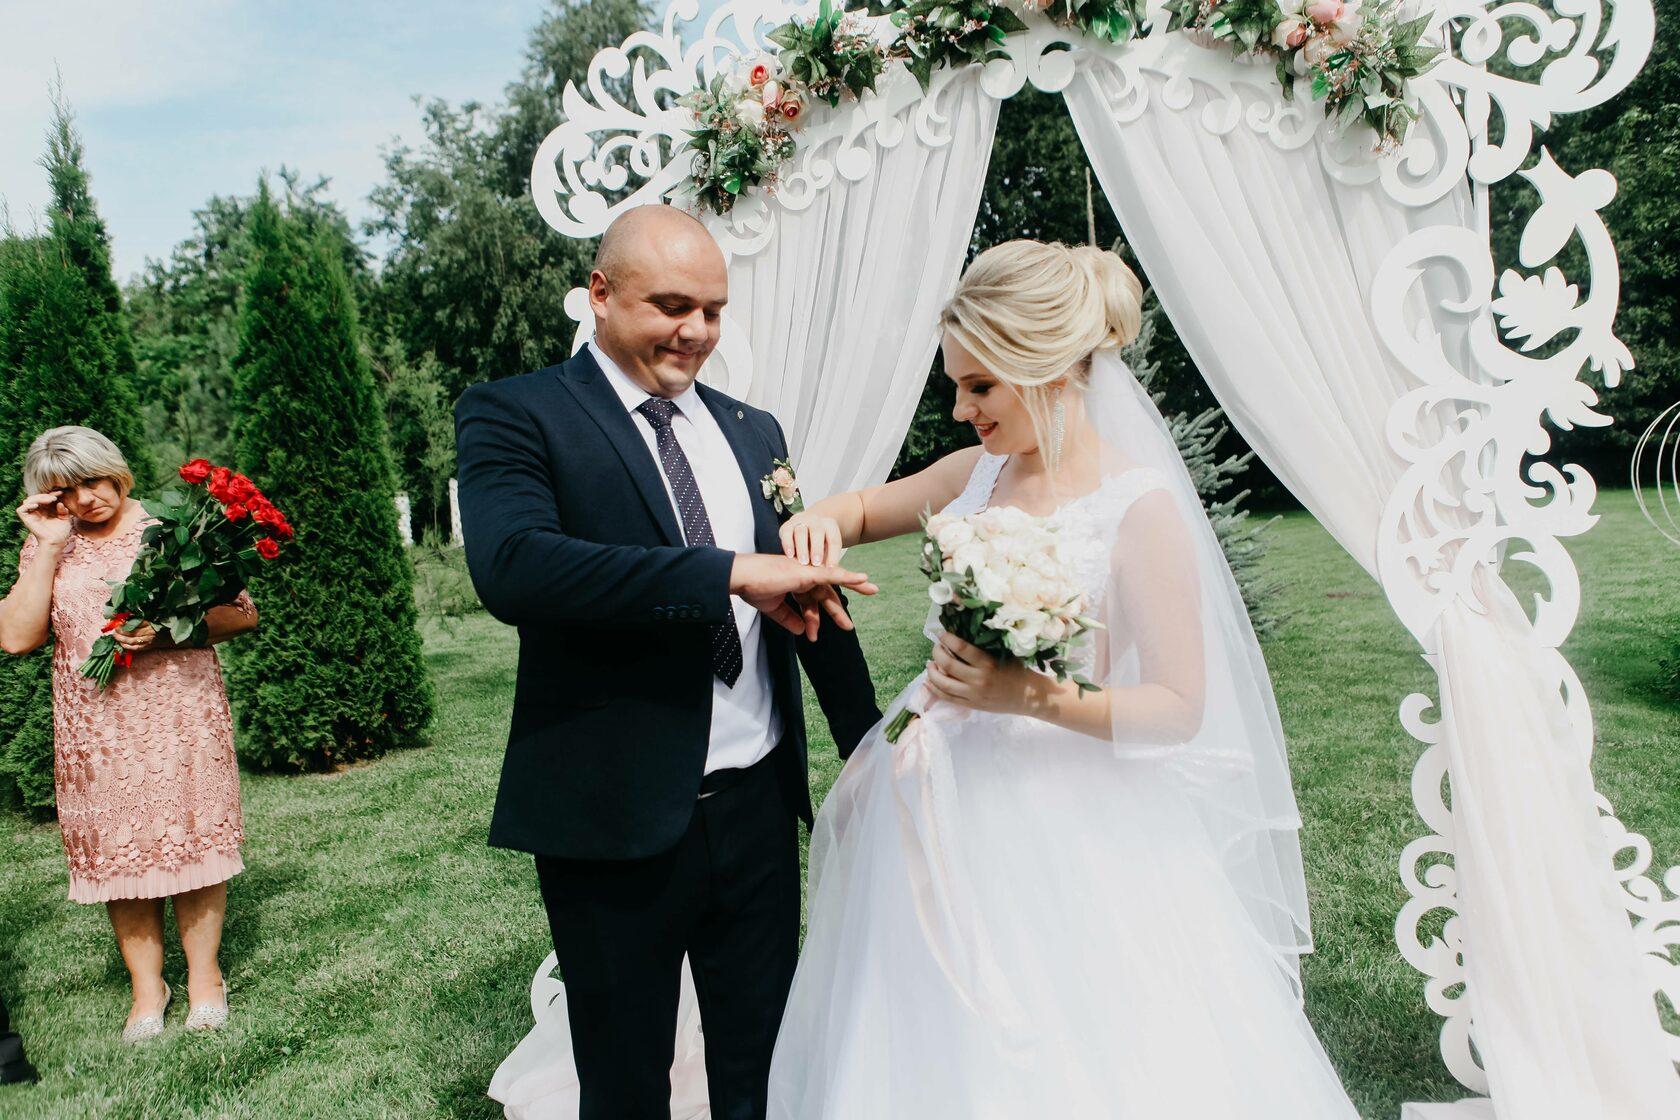 цена фотографа на свадьбу Киев